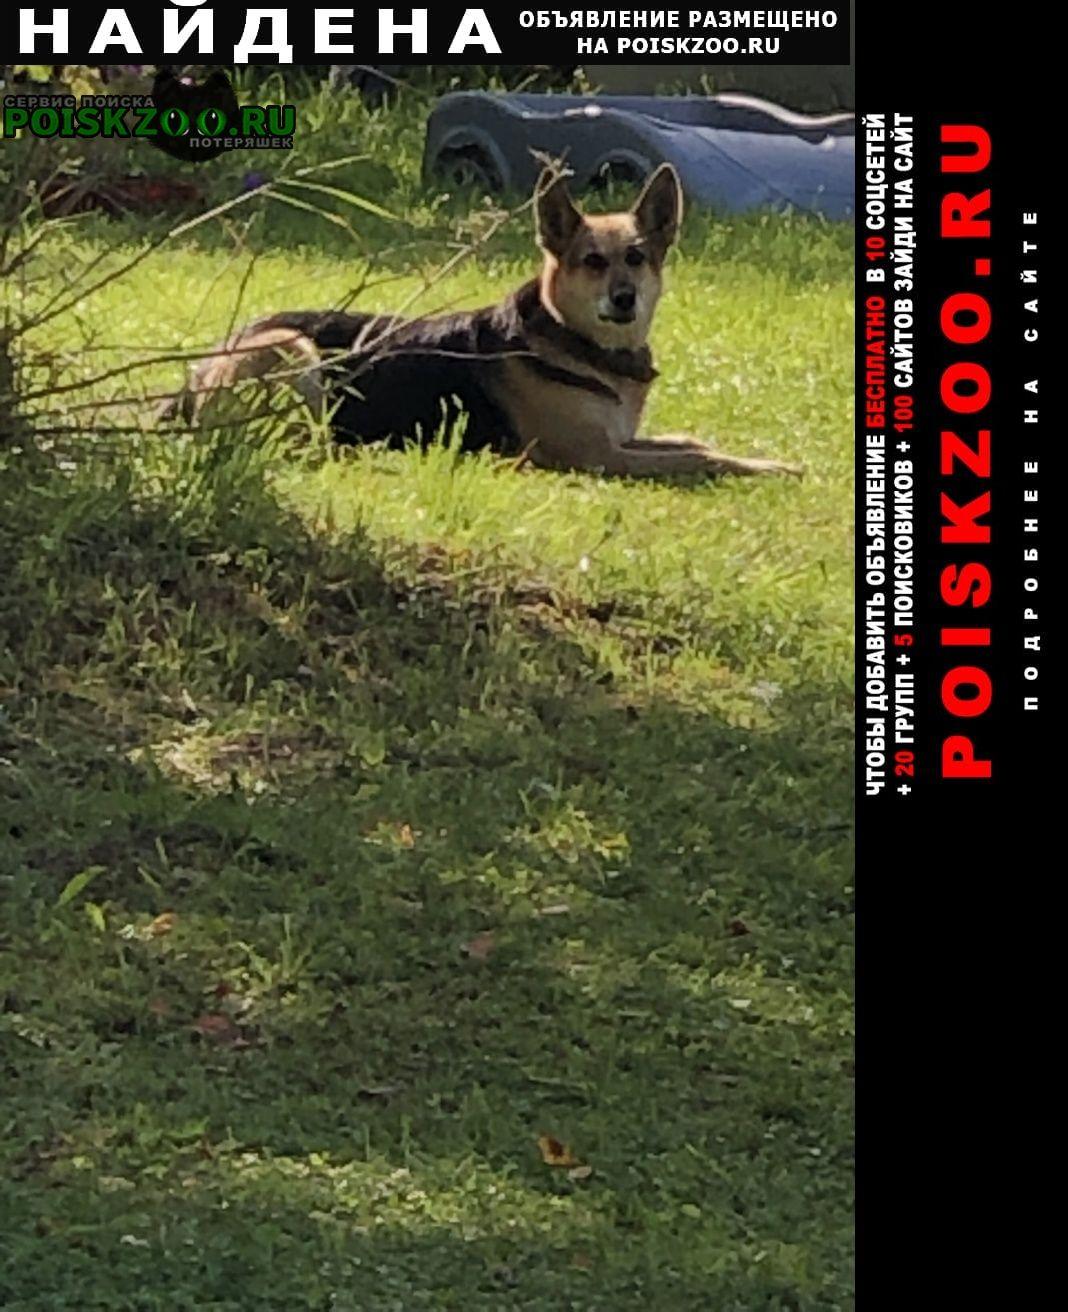 Найдена собака деревня меньково Кобринское